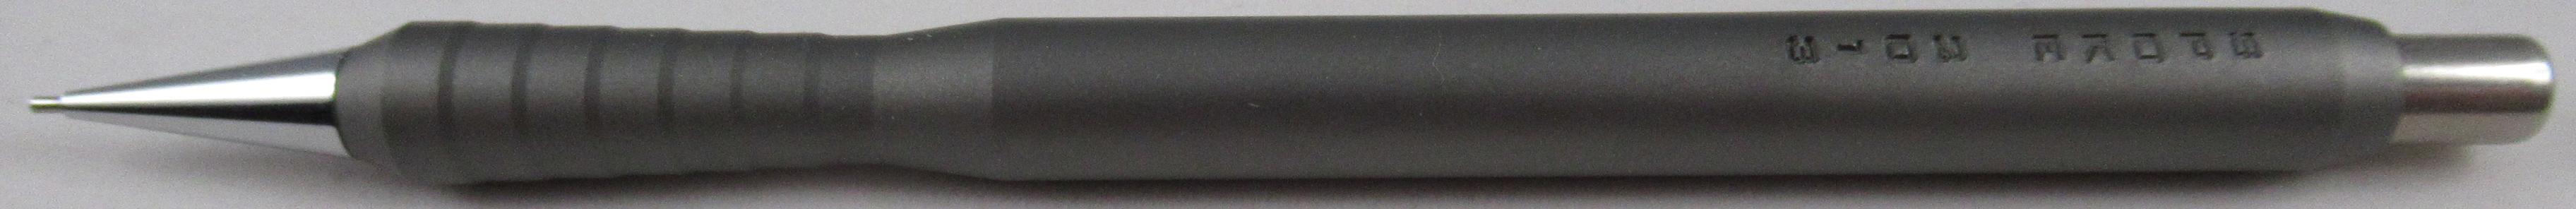 z0600 - SPOKE Inverse-QN - 296